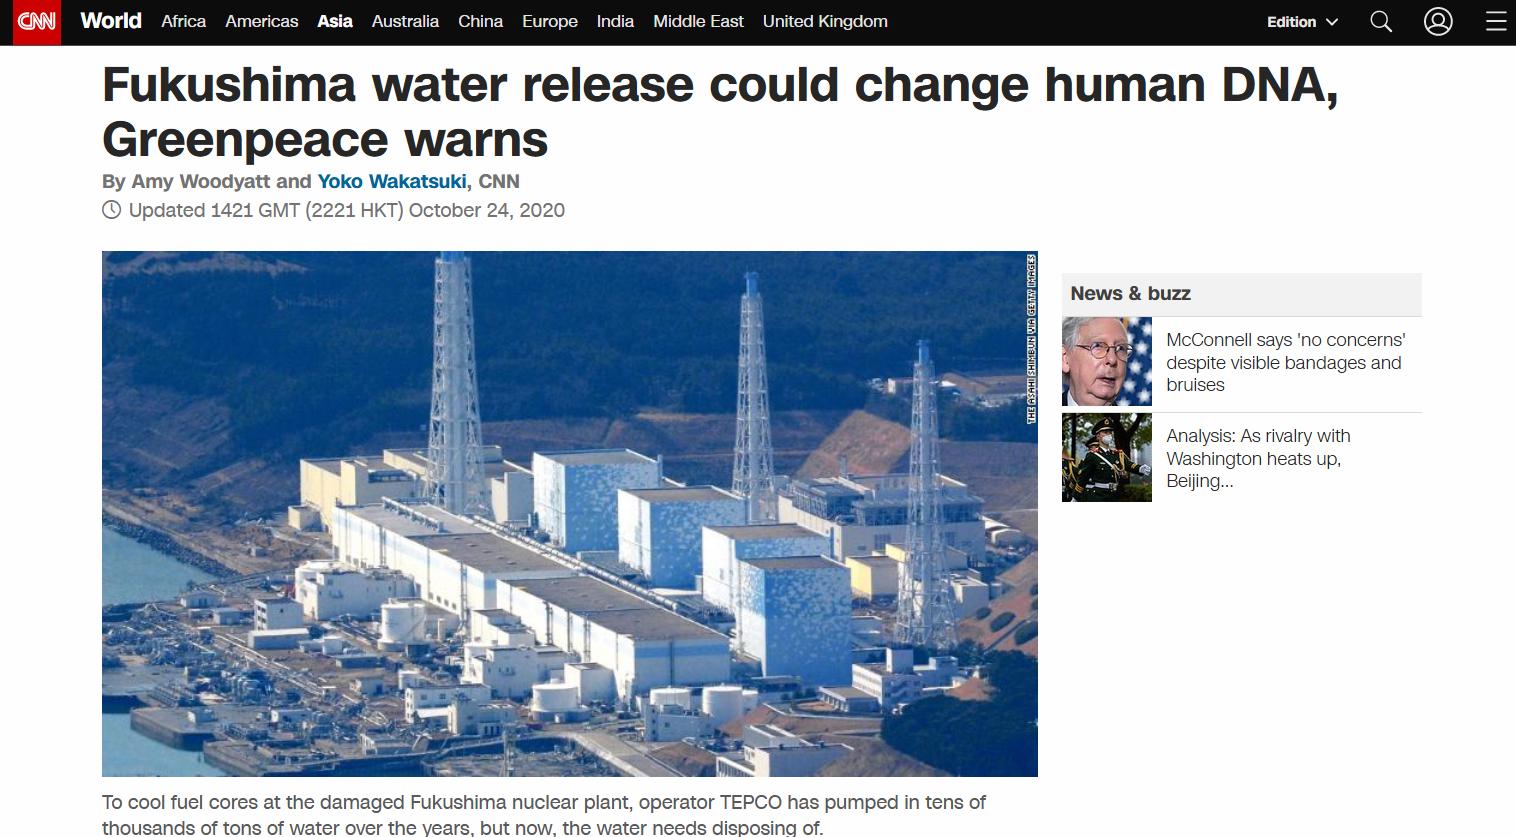 【迪士尼国际注册】_日本福岛核污水将排太平洋?绿色和平警告:污水或损害人类DNA